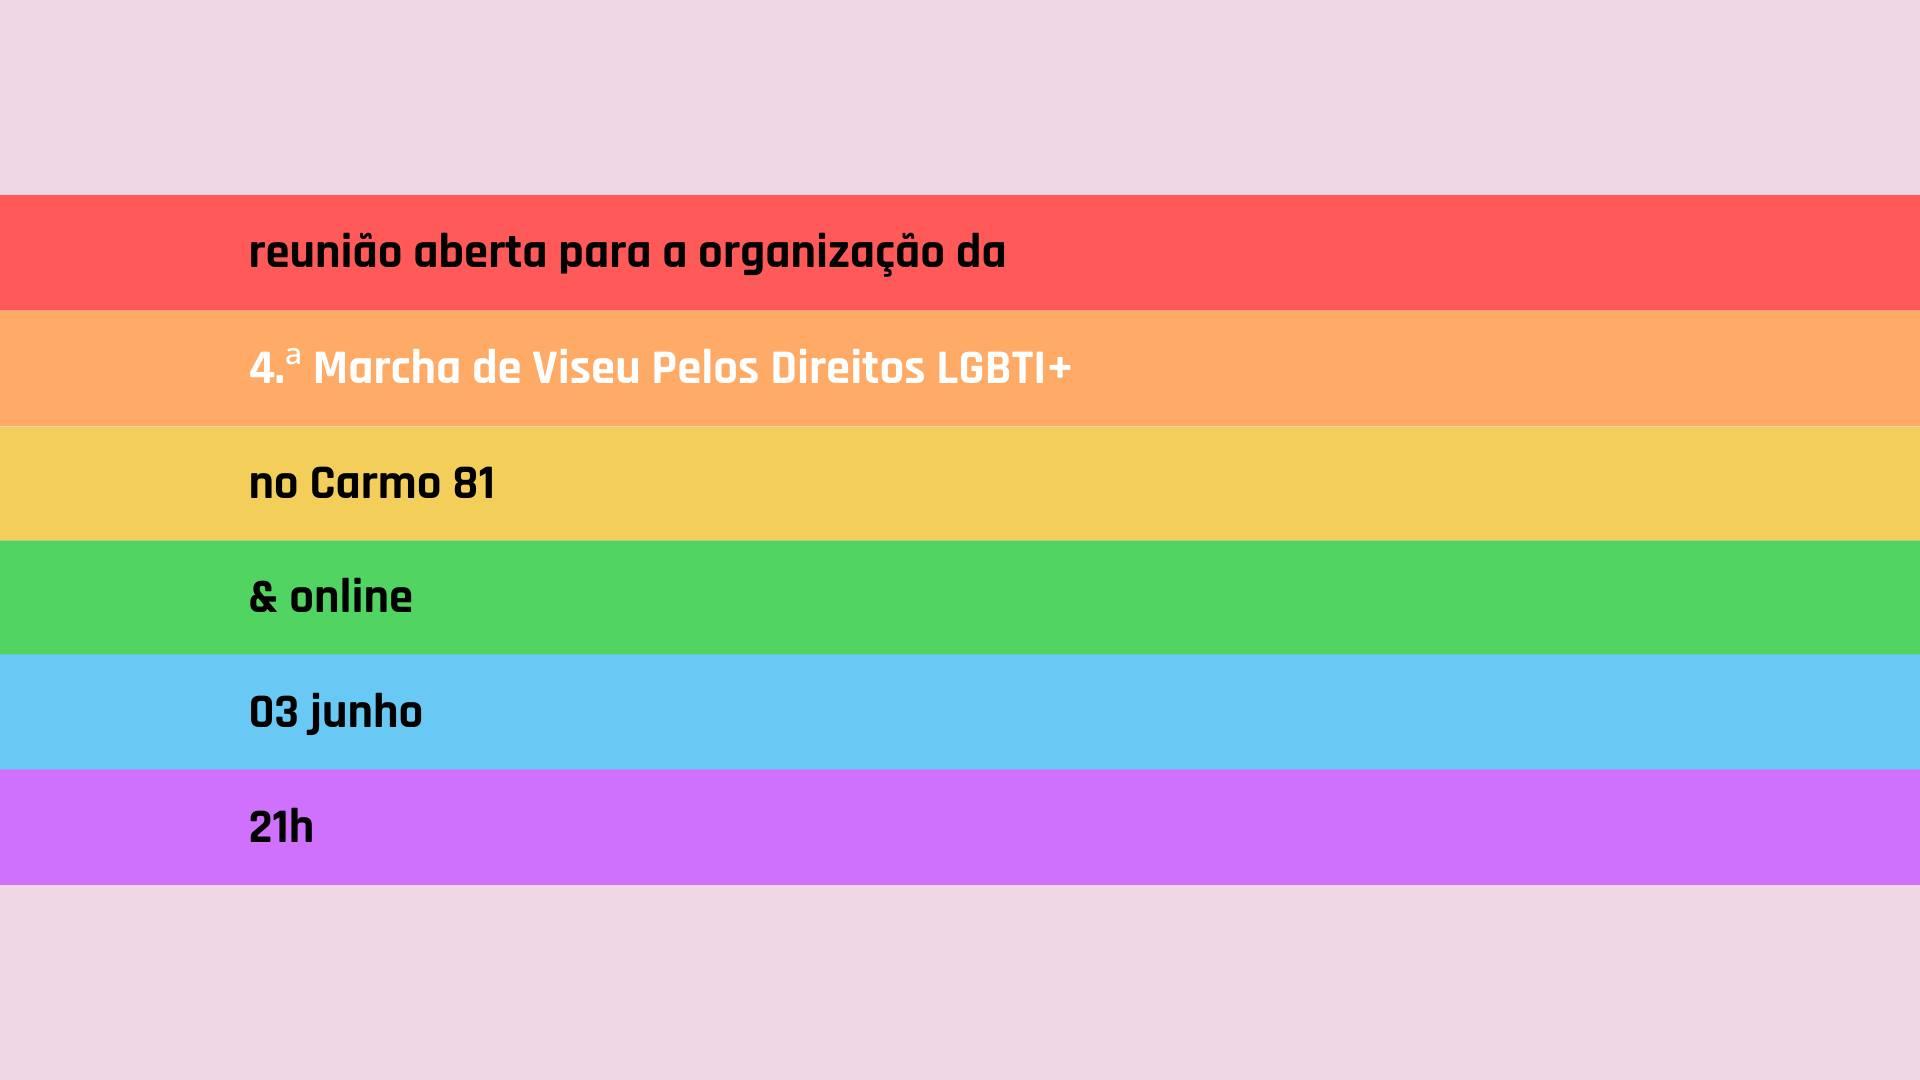 1.ª reunião aberta para a 4.ª Marcha de Viseu Pelos Direitos LGBTI+